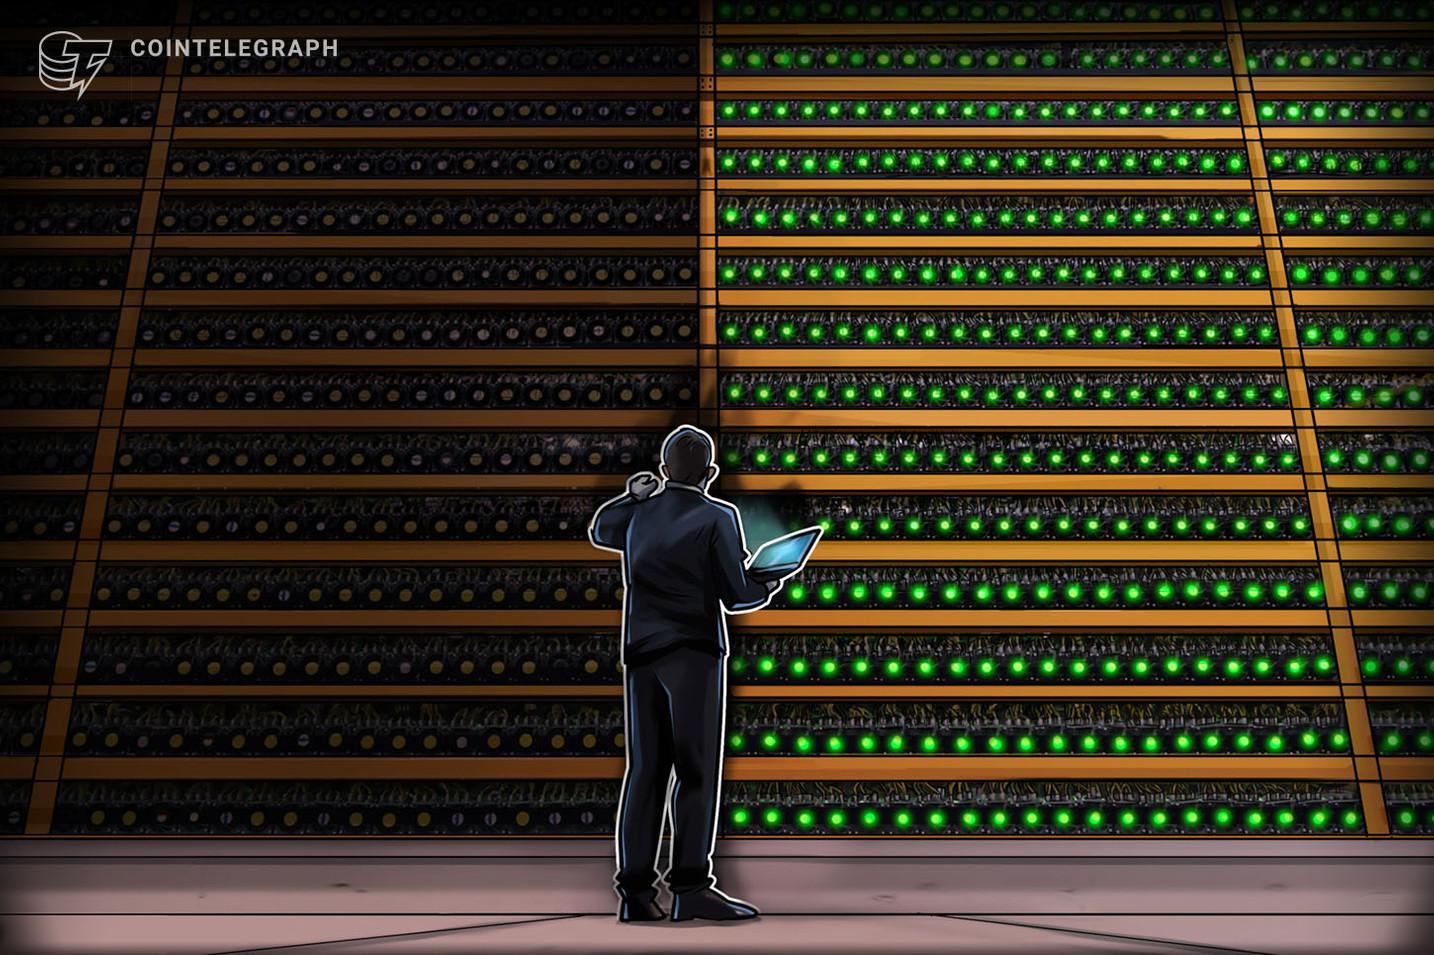 شركة بلوكتشين أمريكية تشتري ١٧ ألف جهاز لتعدين بيتكوين من بيتماين